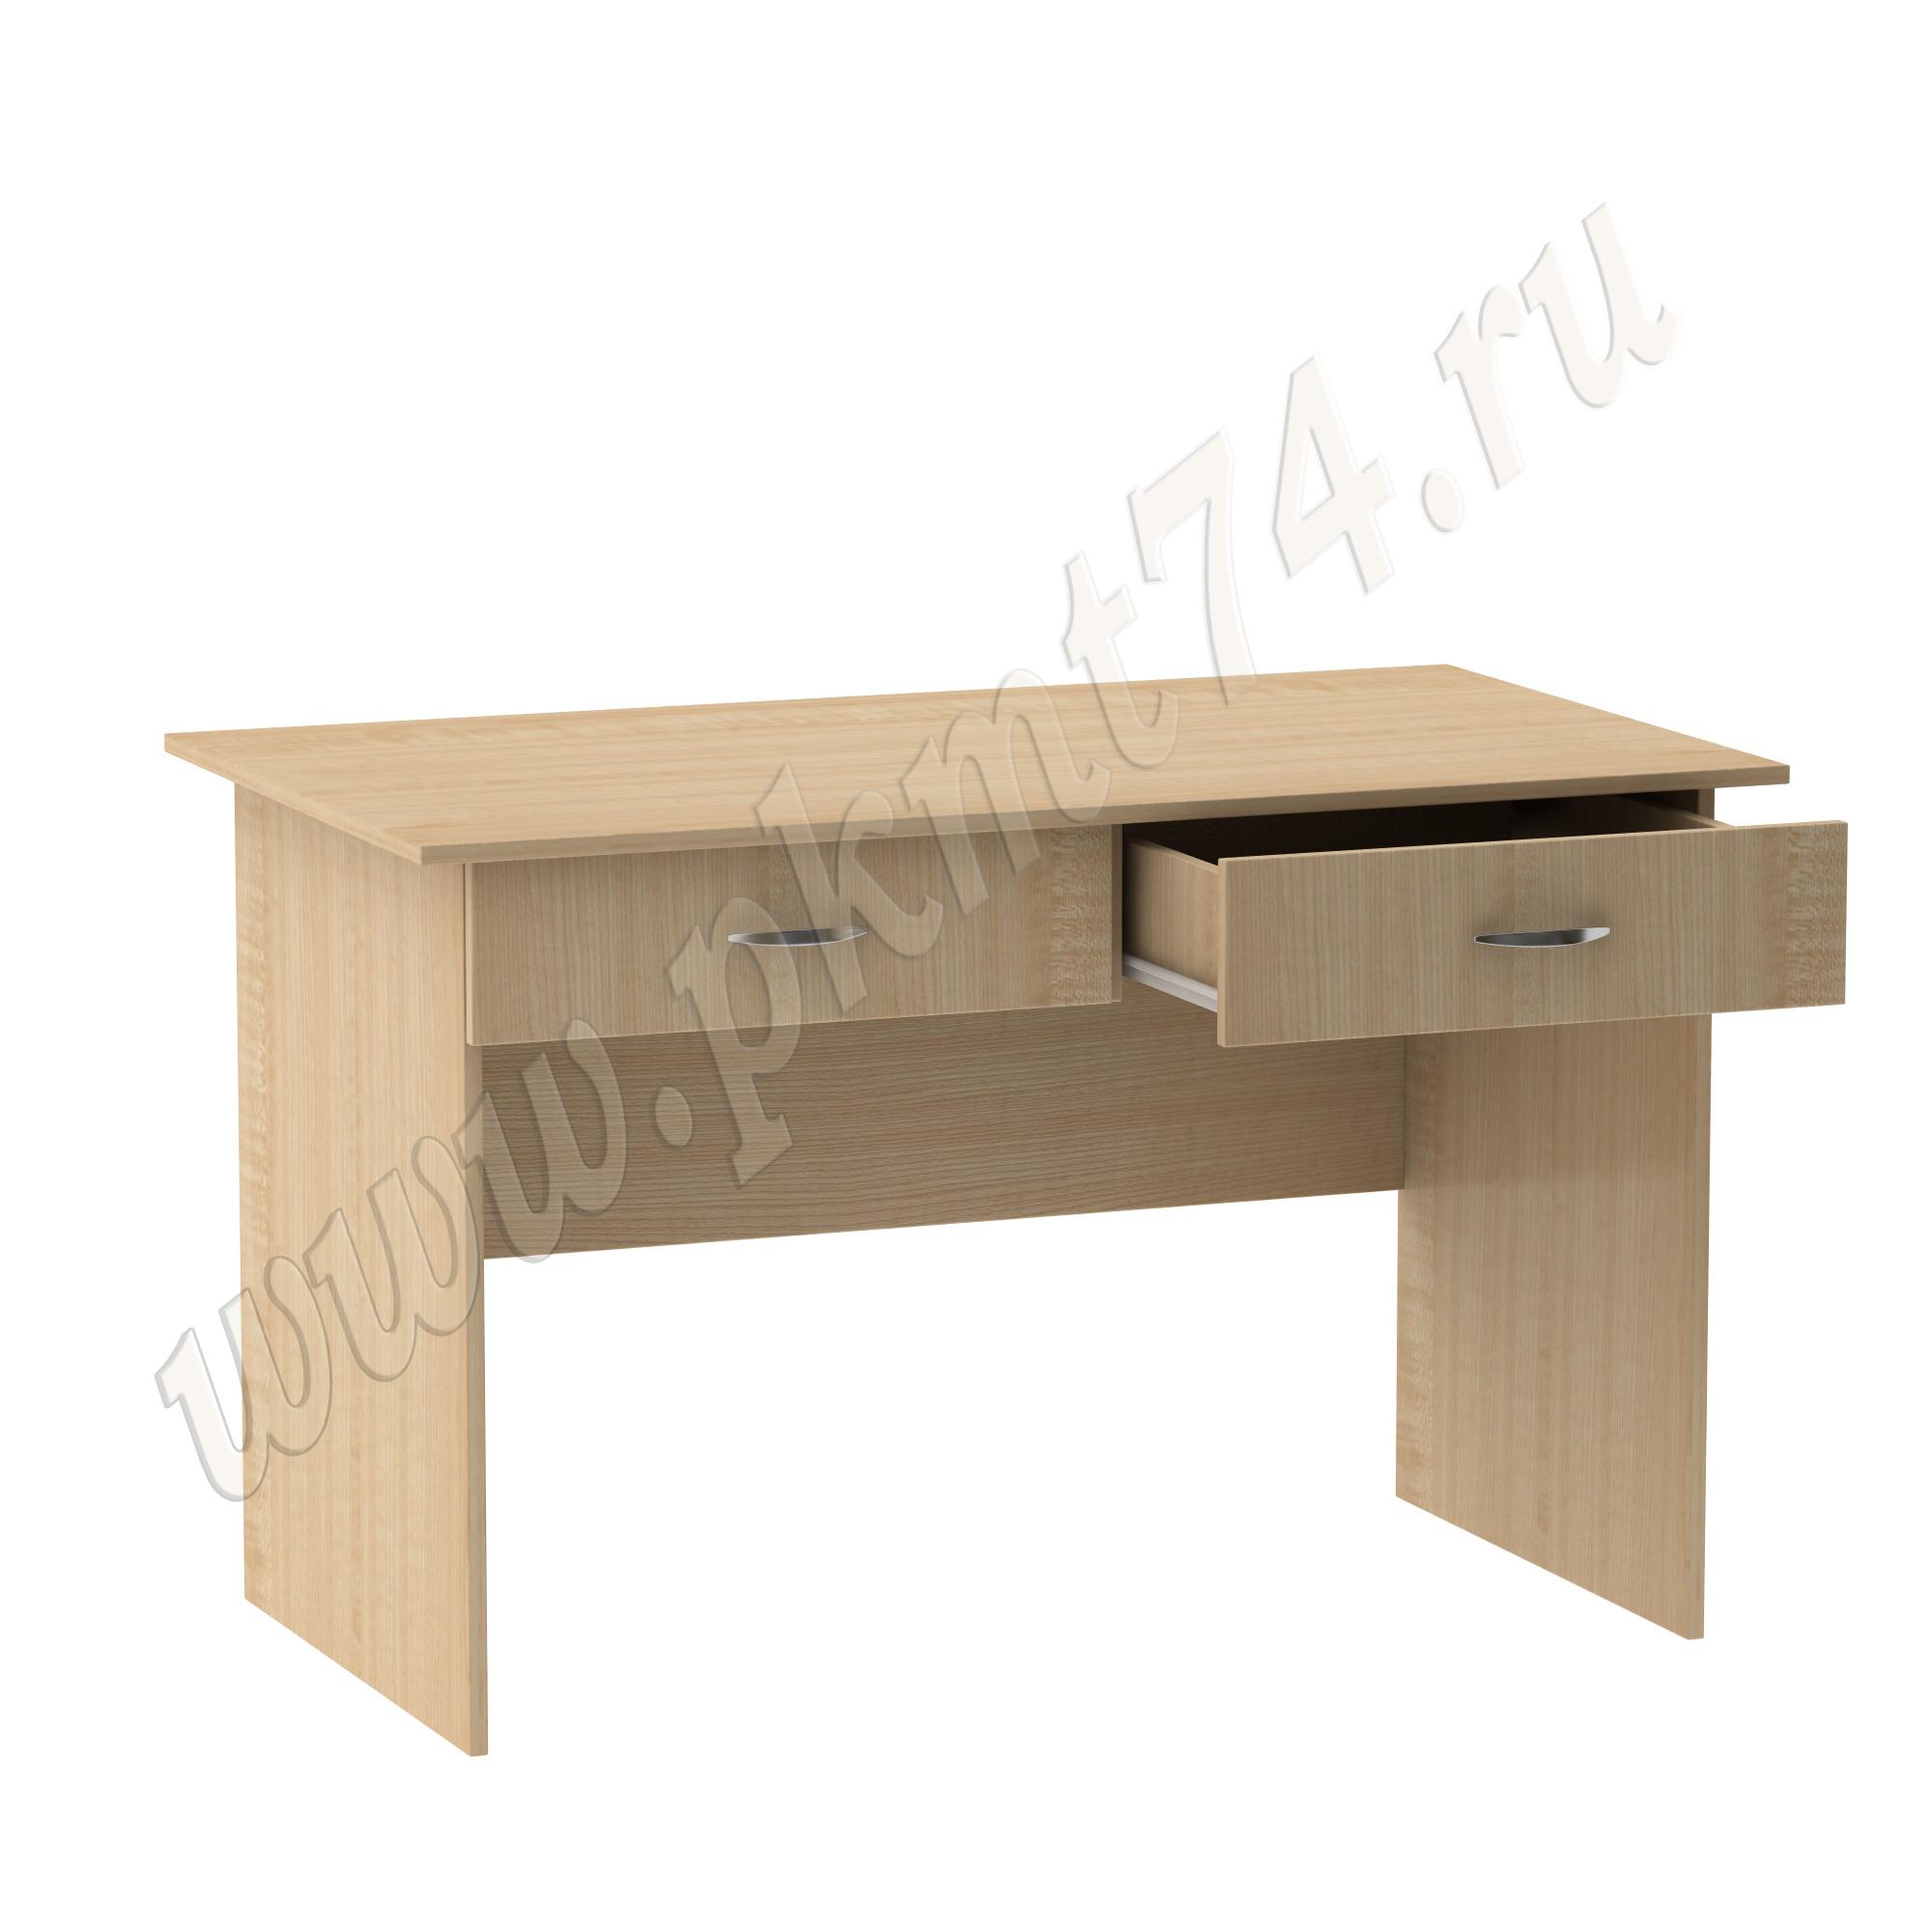 Стол для врача письменный с двумя ящиками [Цвет ЛДСП:: Клён]